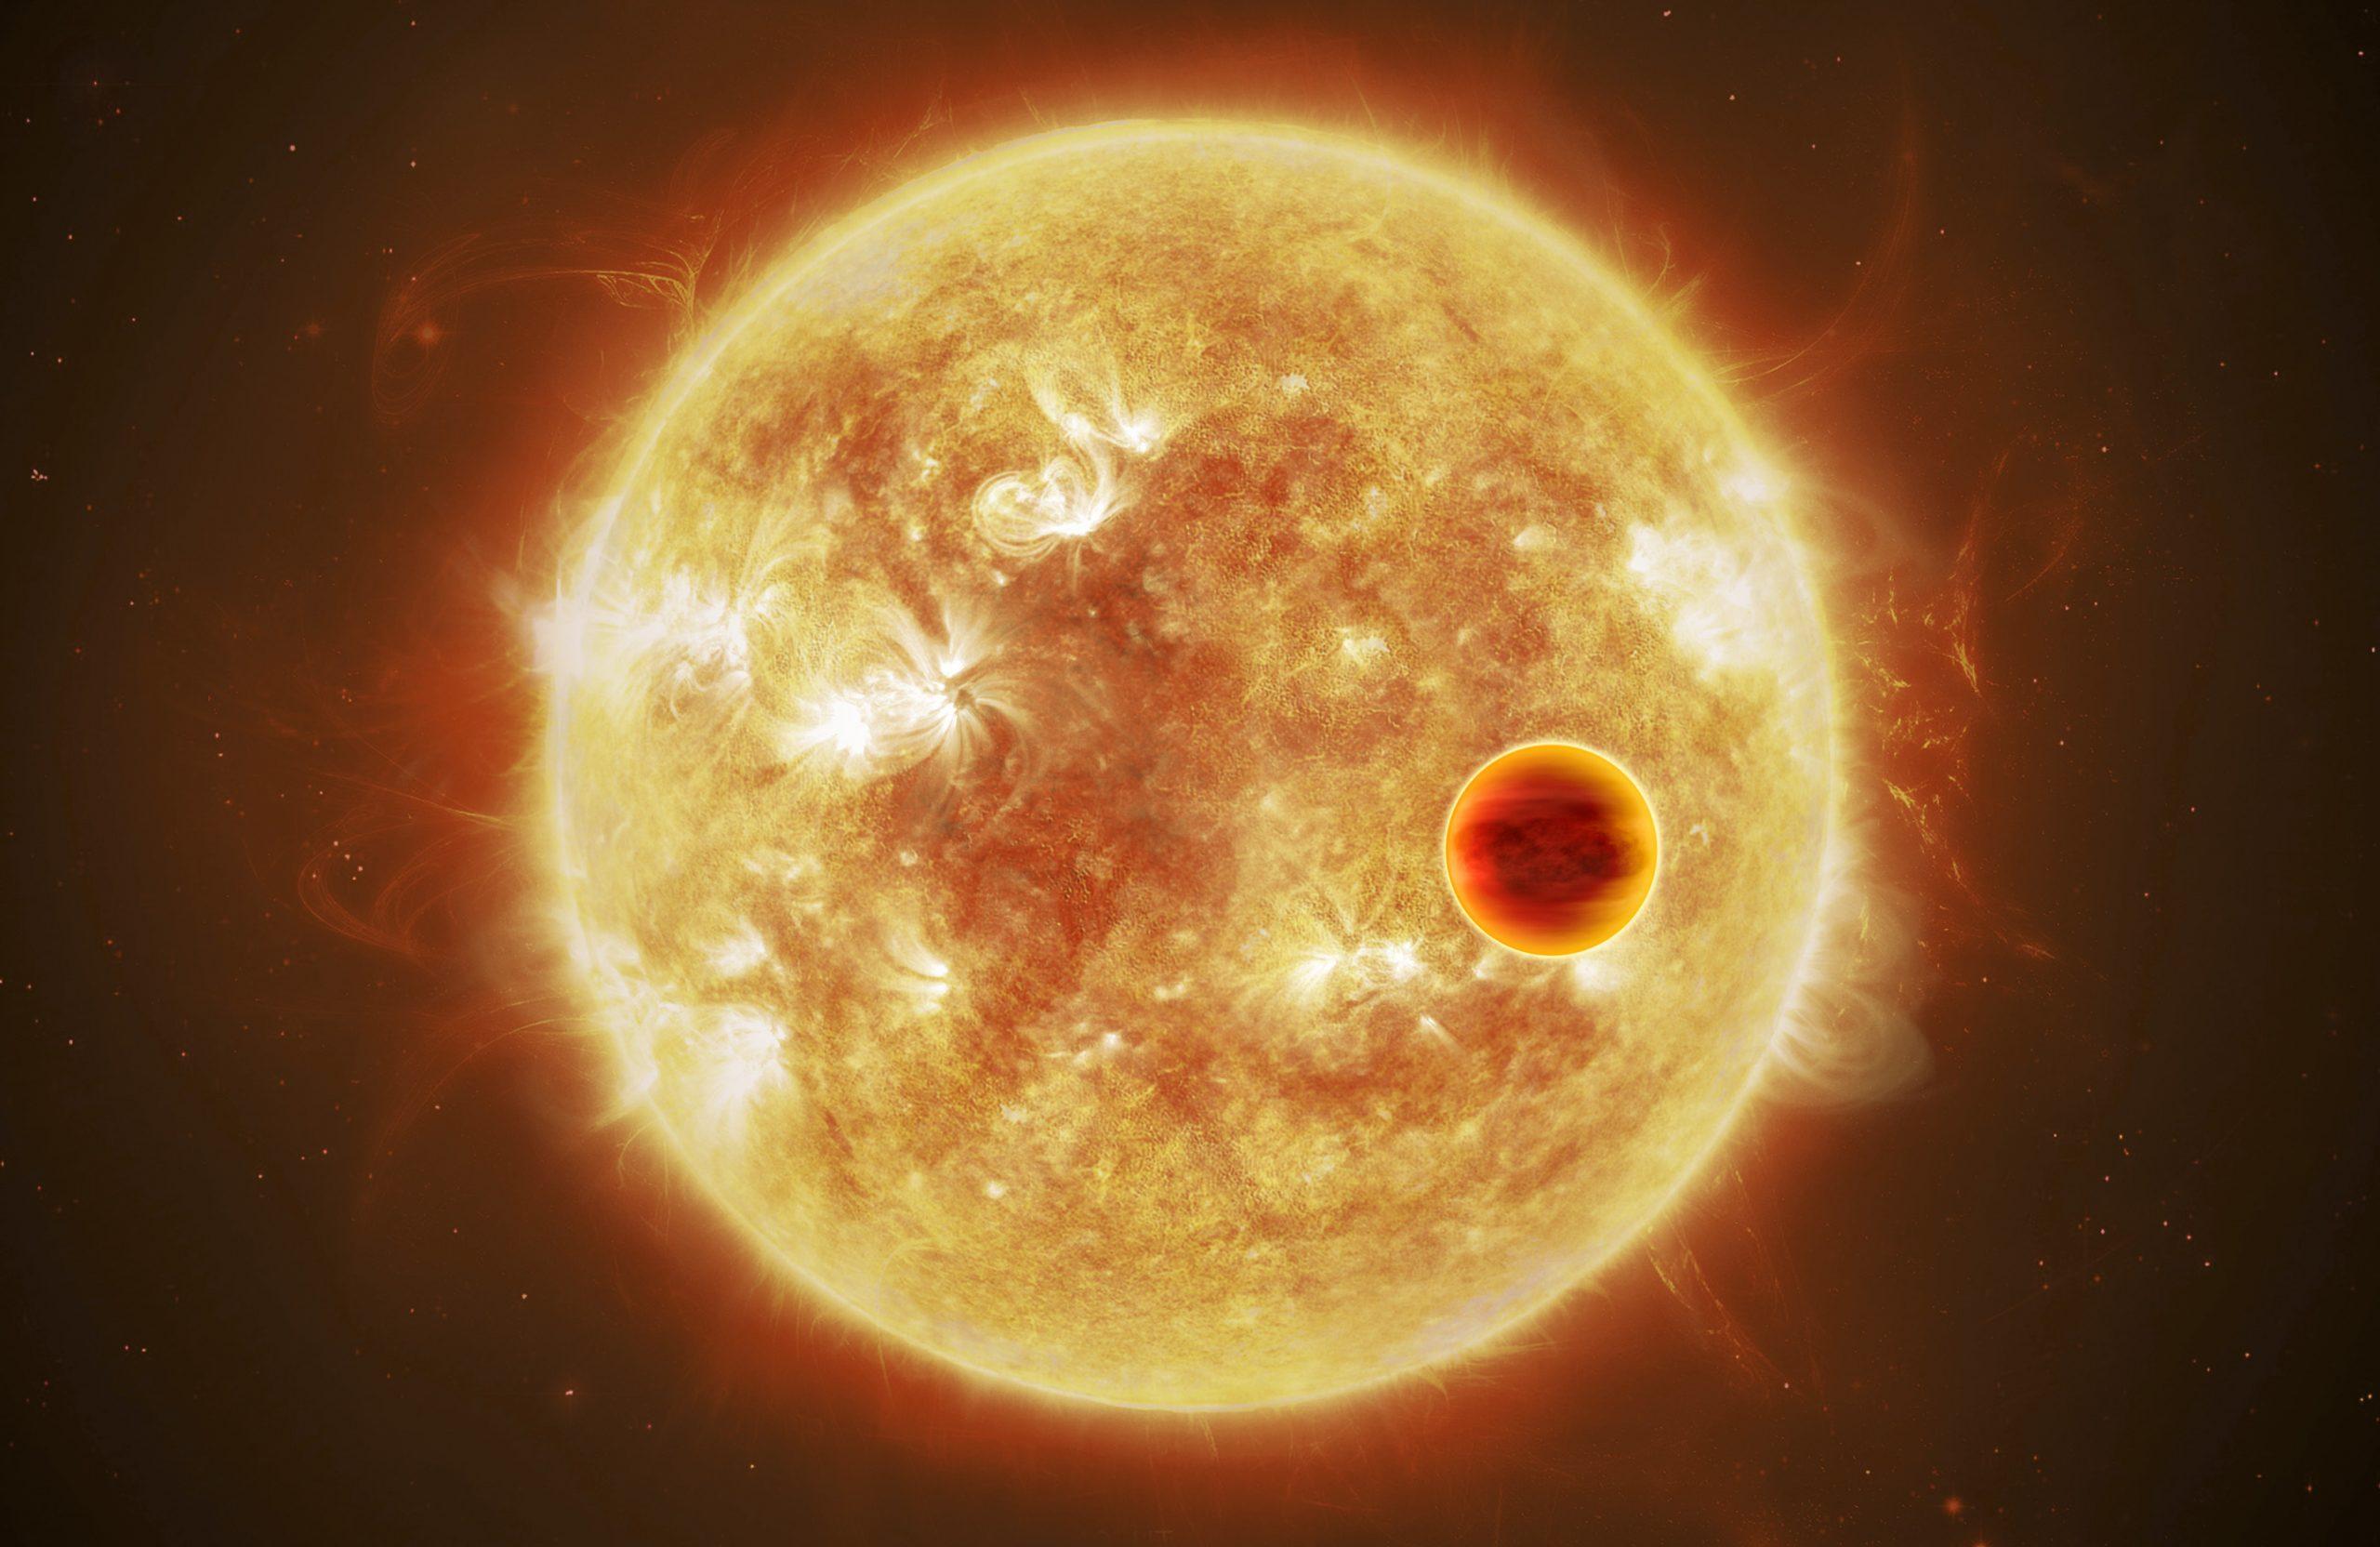 Nova zvijezda, Divovska zvijezda, Novi planet